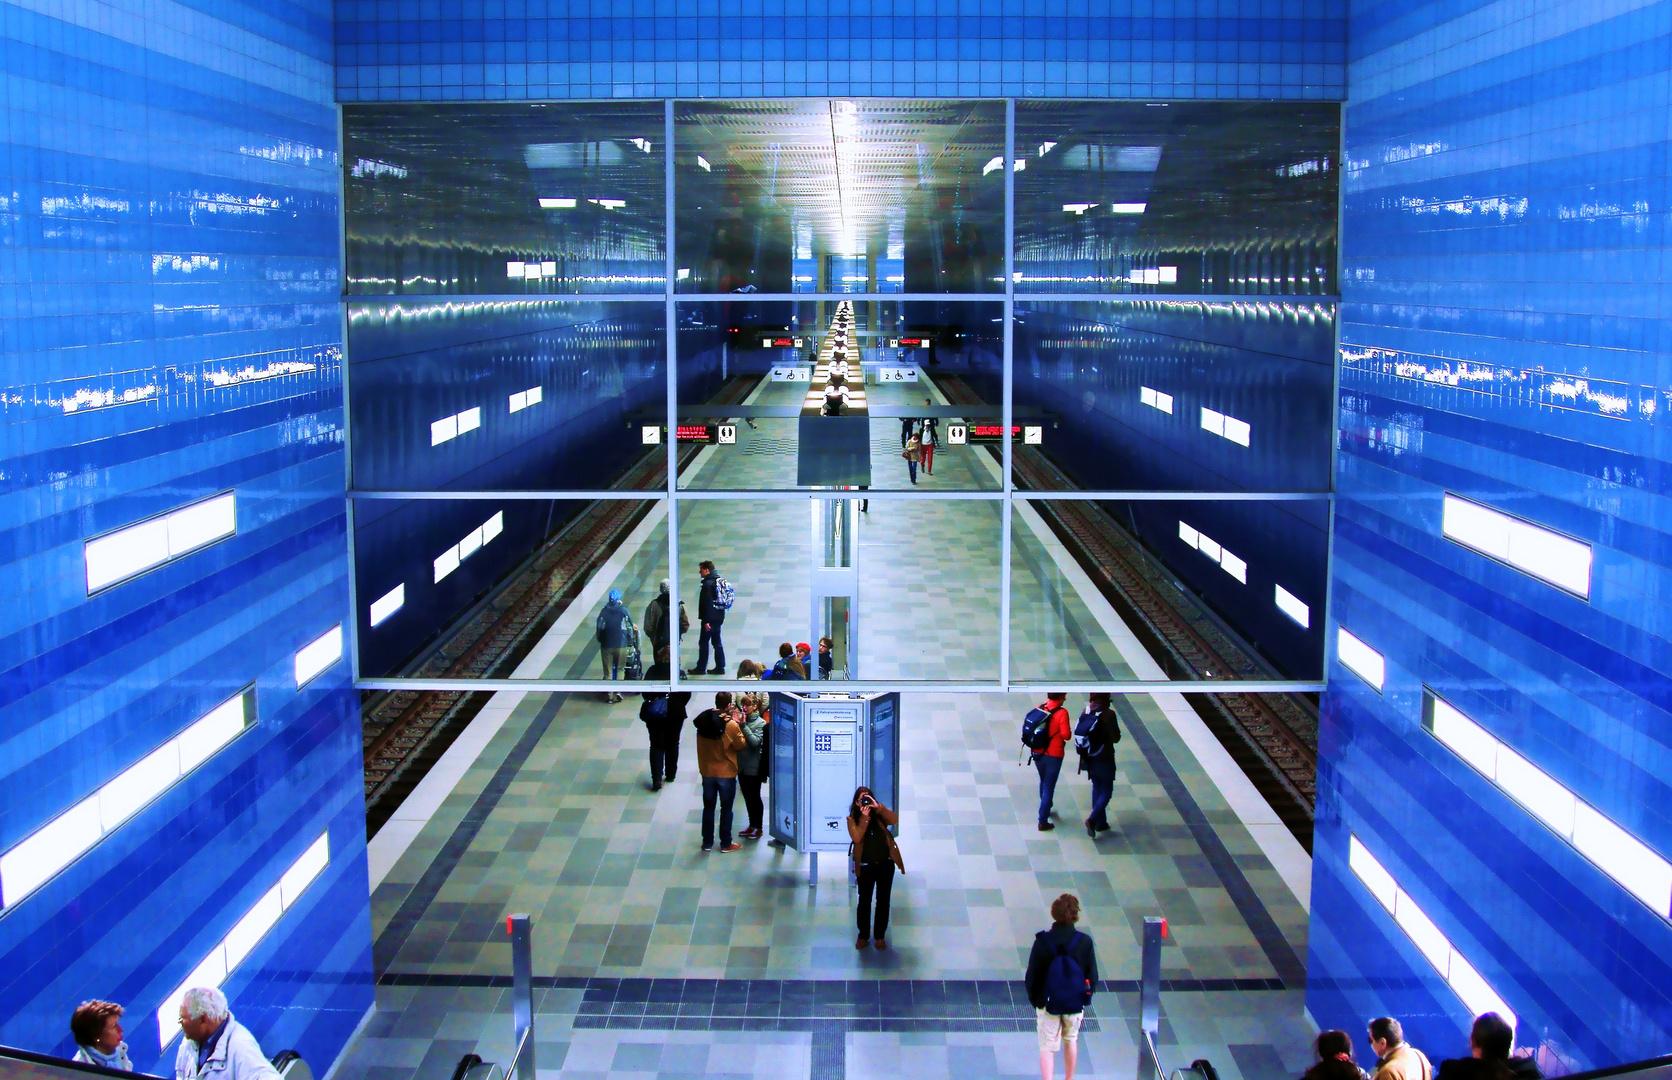 Blauer Bahnsteig